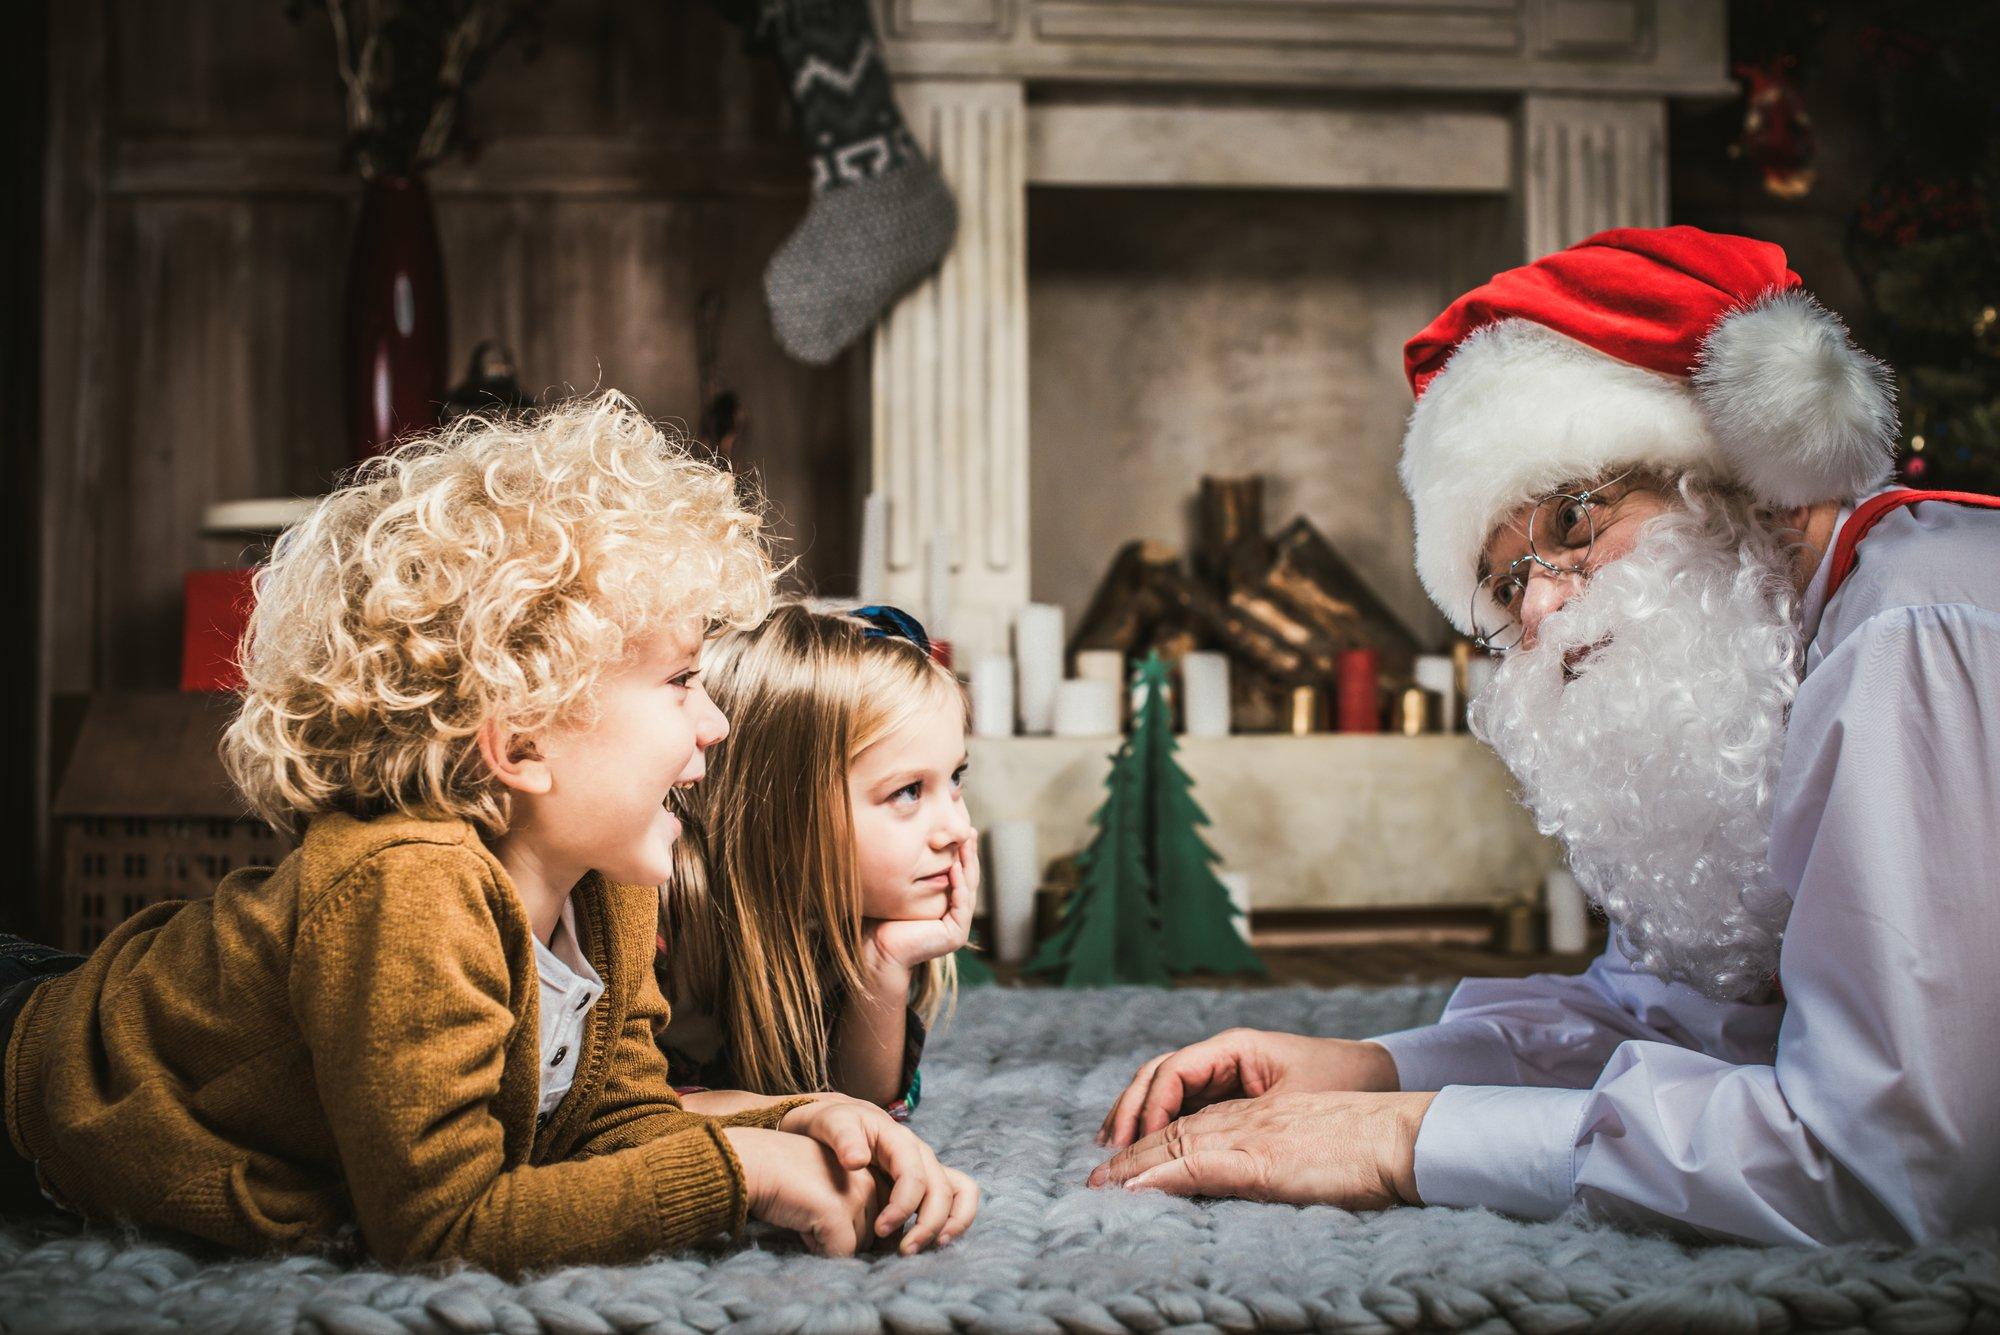 depositphotos 131272830 l 2015 - Comment parler du Père Noël à un enfant suspicieux? Cette maman a sa solution!